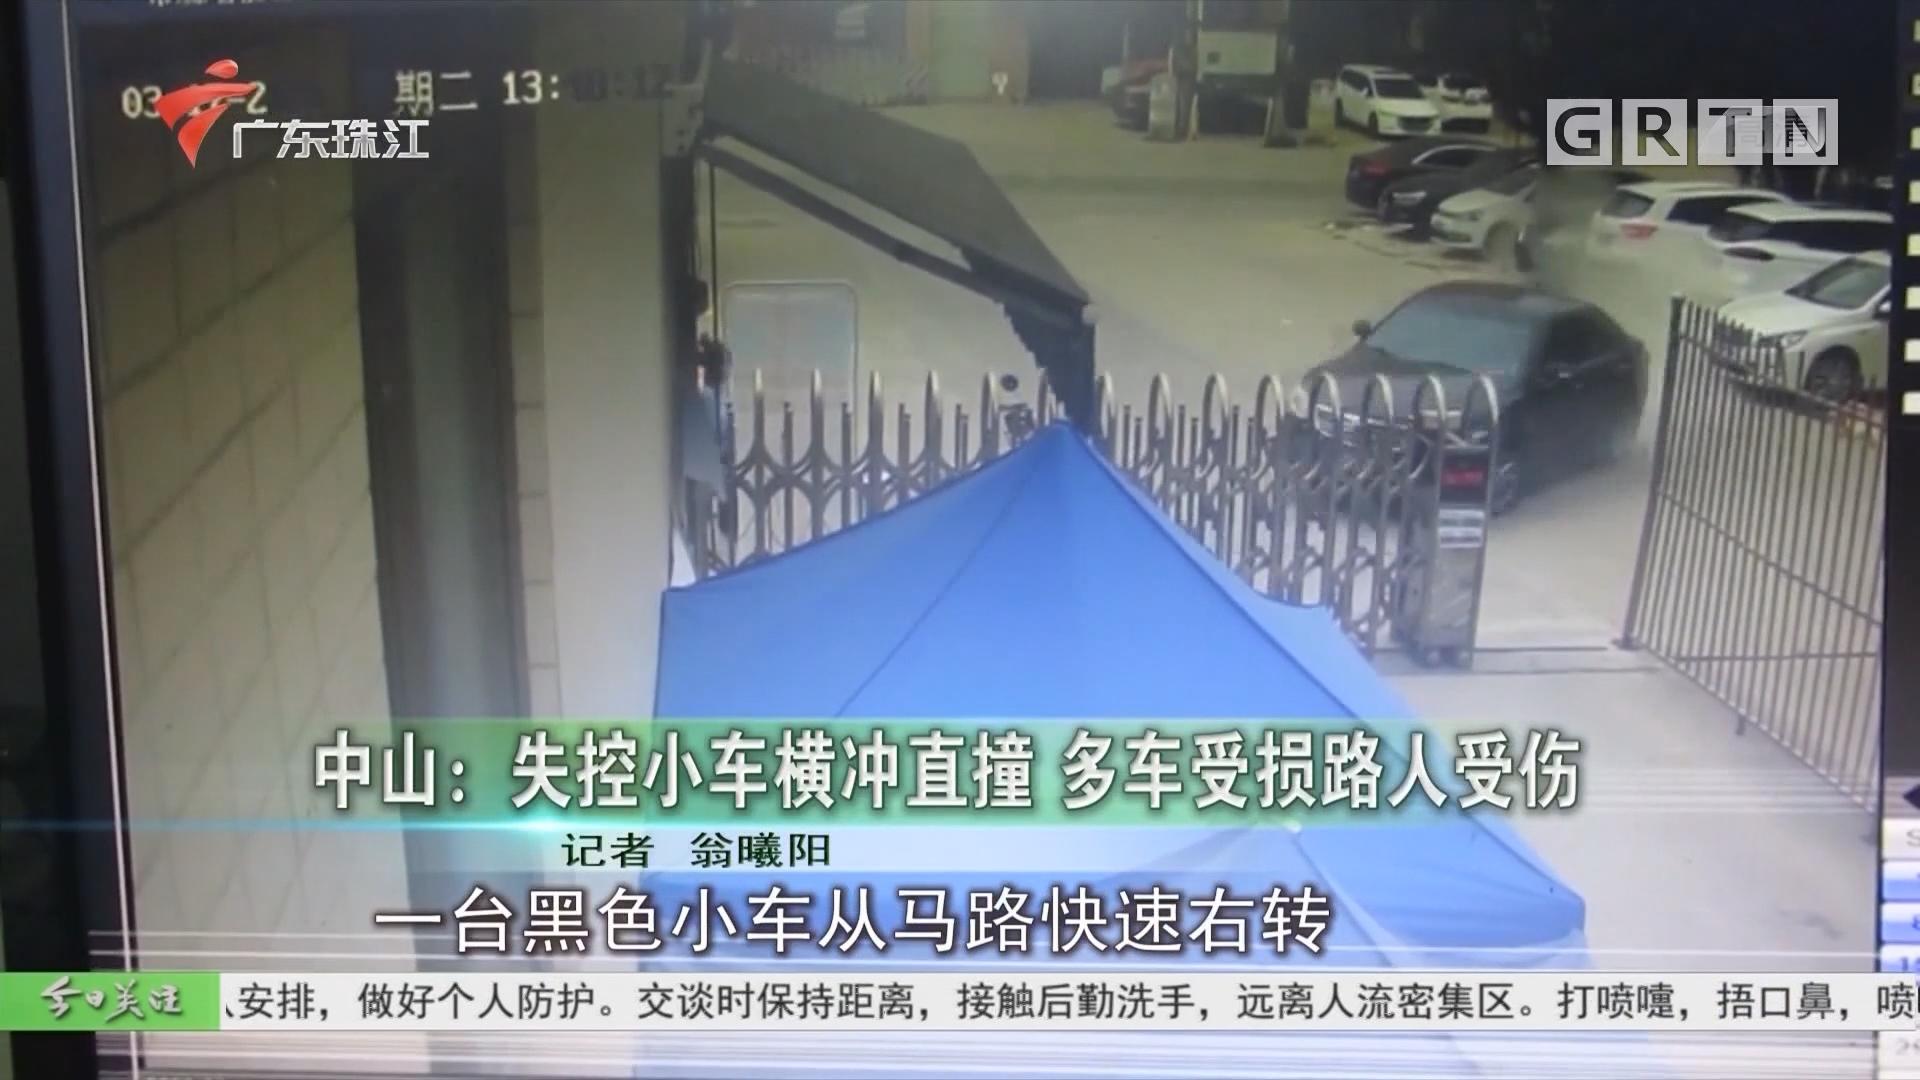 中山:失控小车横冲直撞 多车受损路人受伤